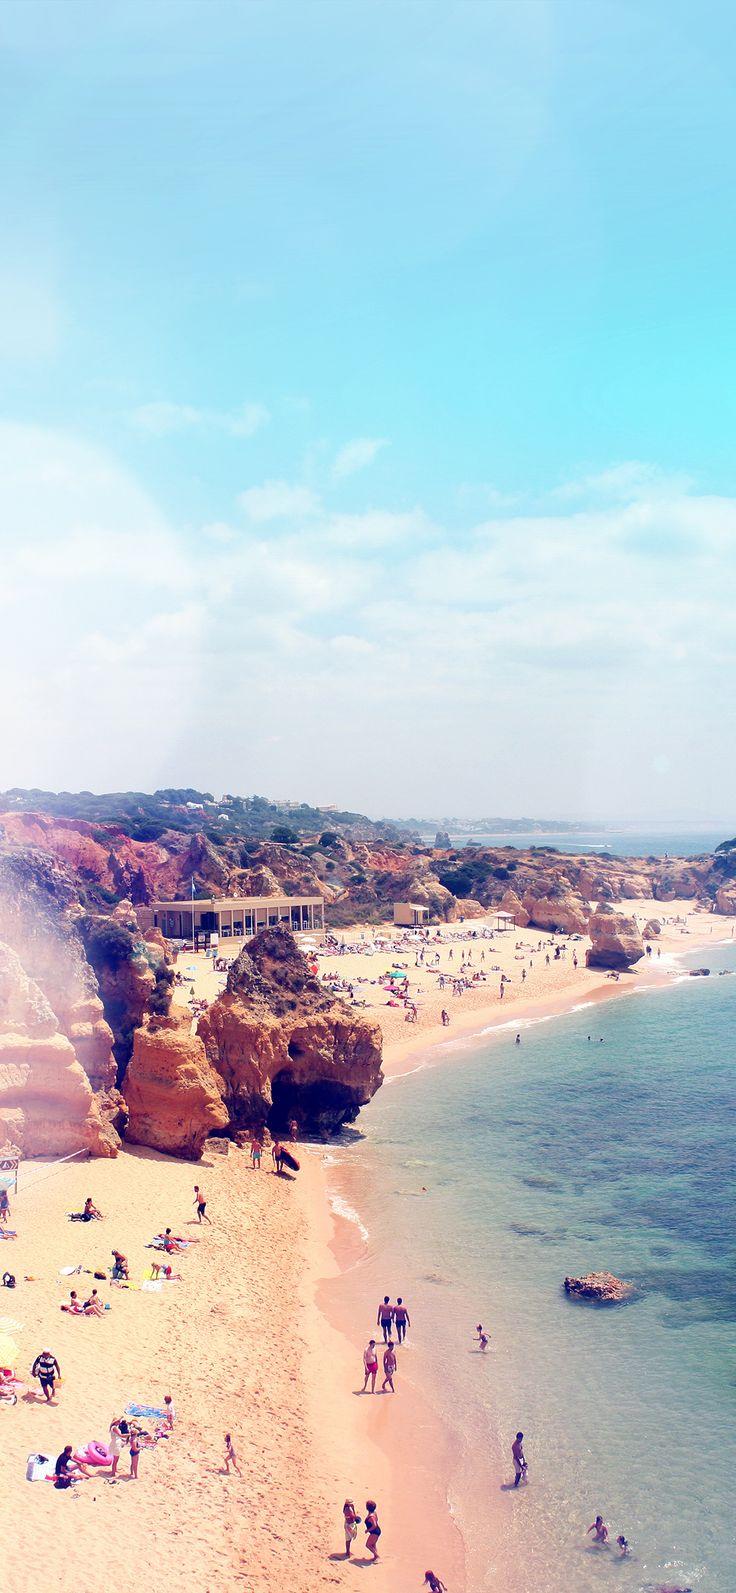 Iphone X Wallpaper Mr86 Coast Beach Sunny Holiday Vacation Sea Sky